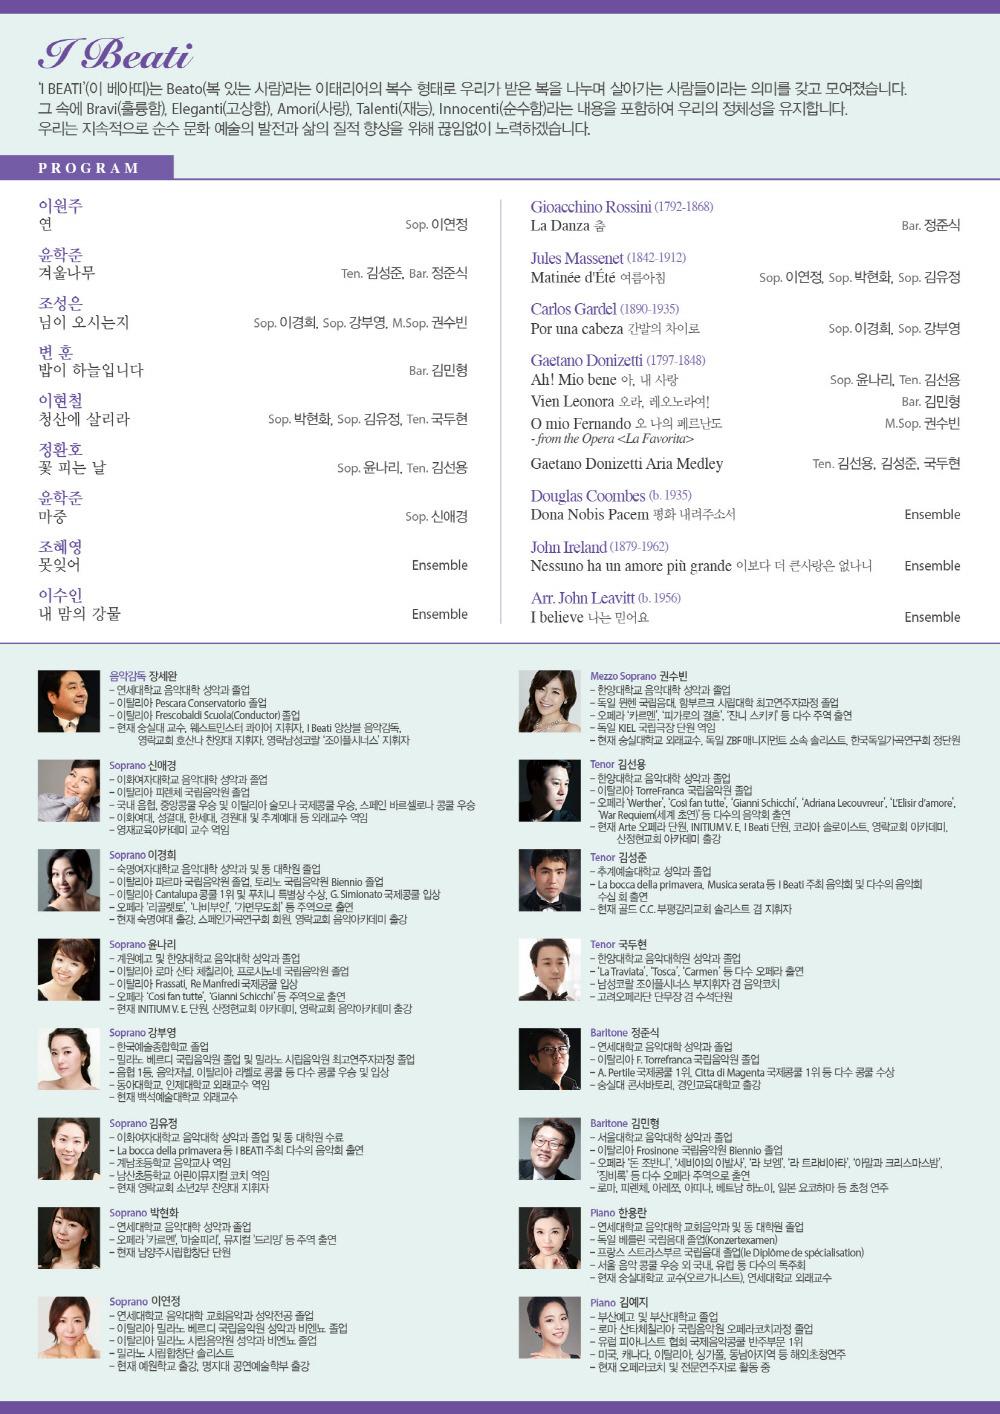 이 베아띠, 제19회 정기연주회 개최